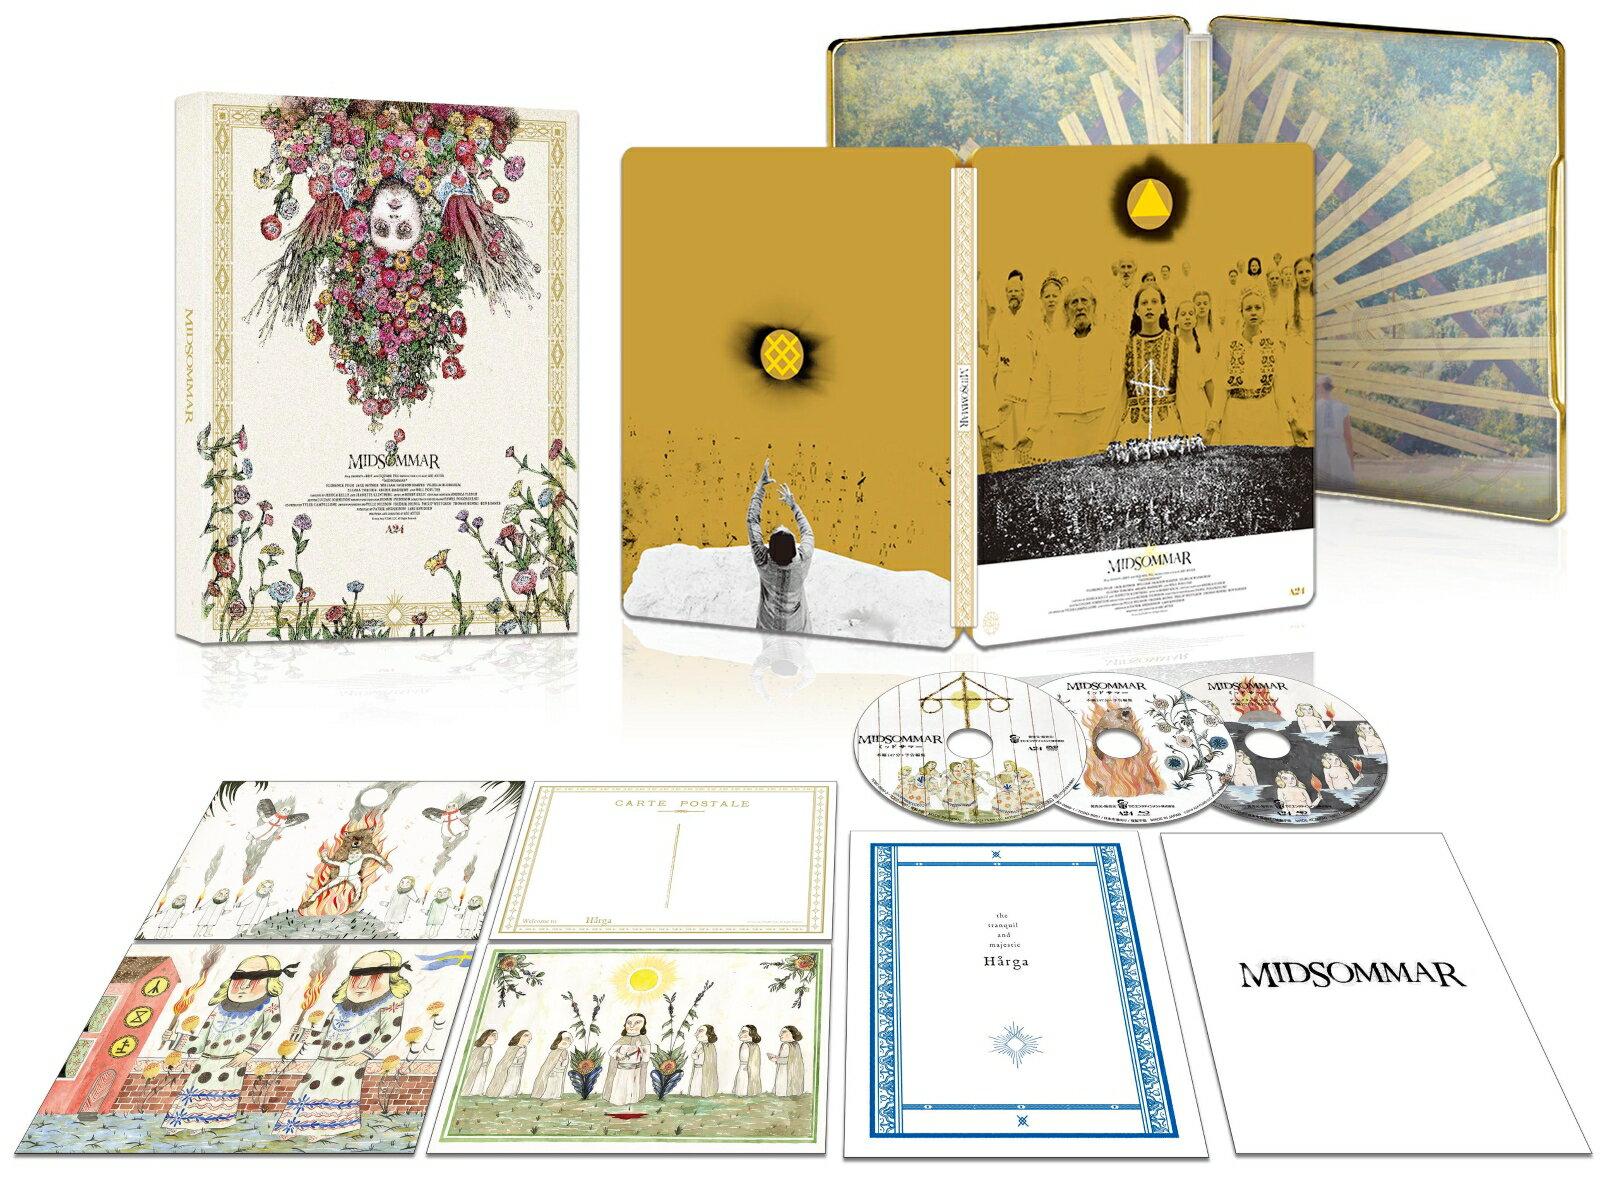 ミッドサマー Blu-ray+DVD豪華版3枚組(スチールブック仕様・初回生産限定版)【Blu-ray】